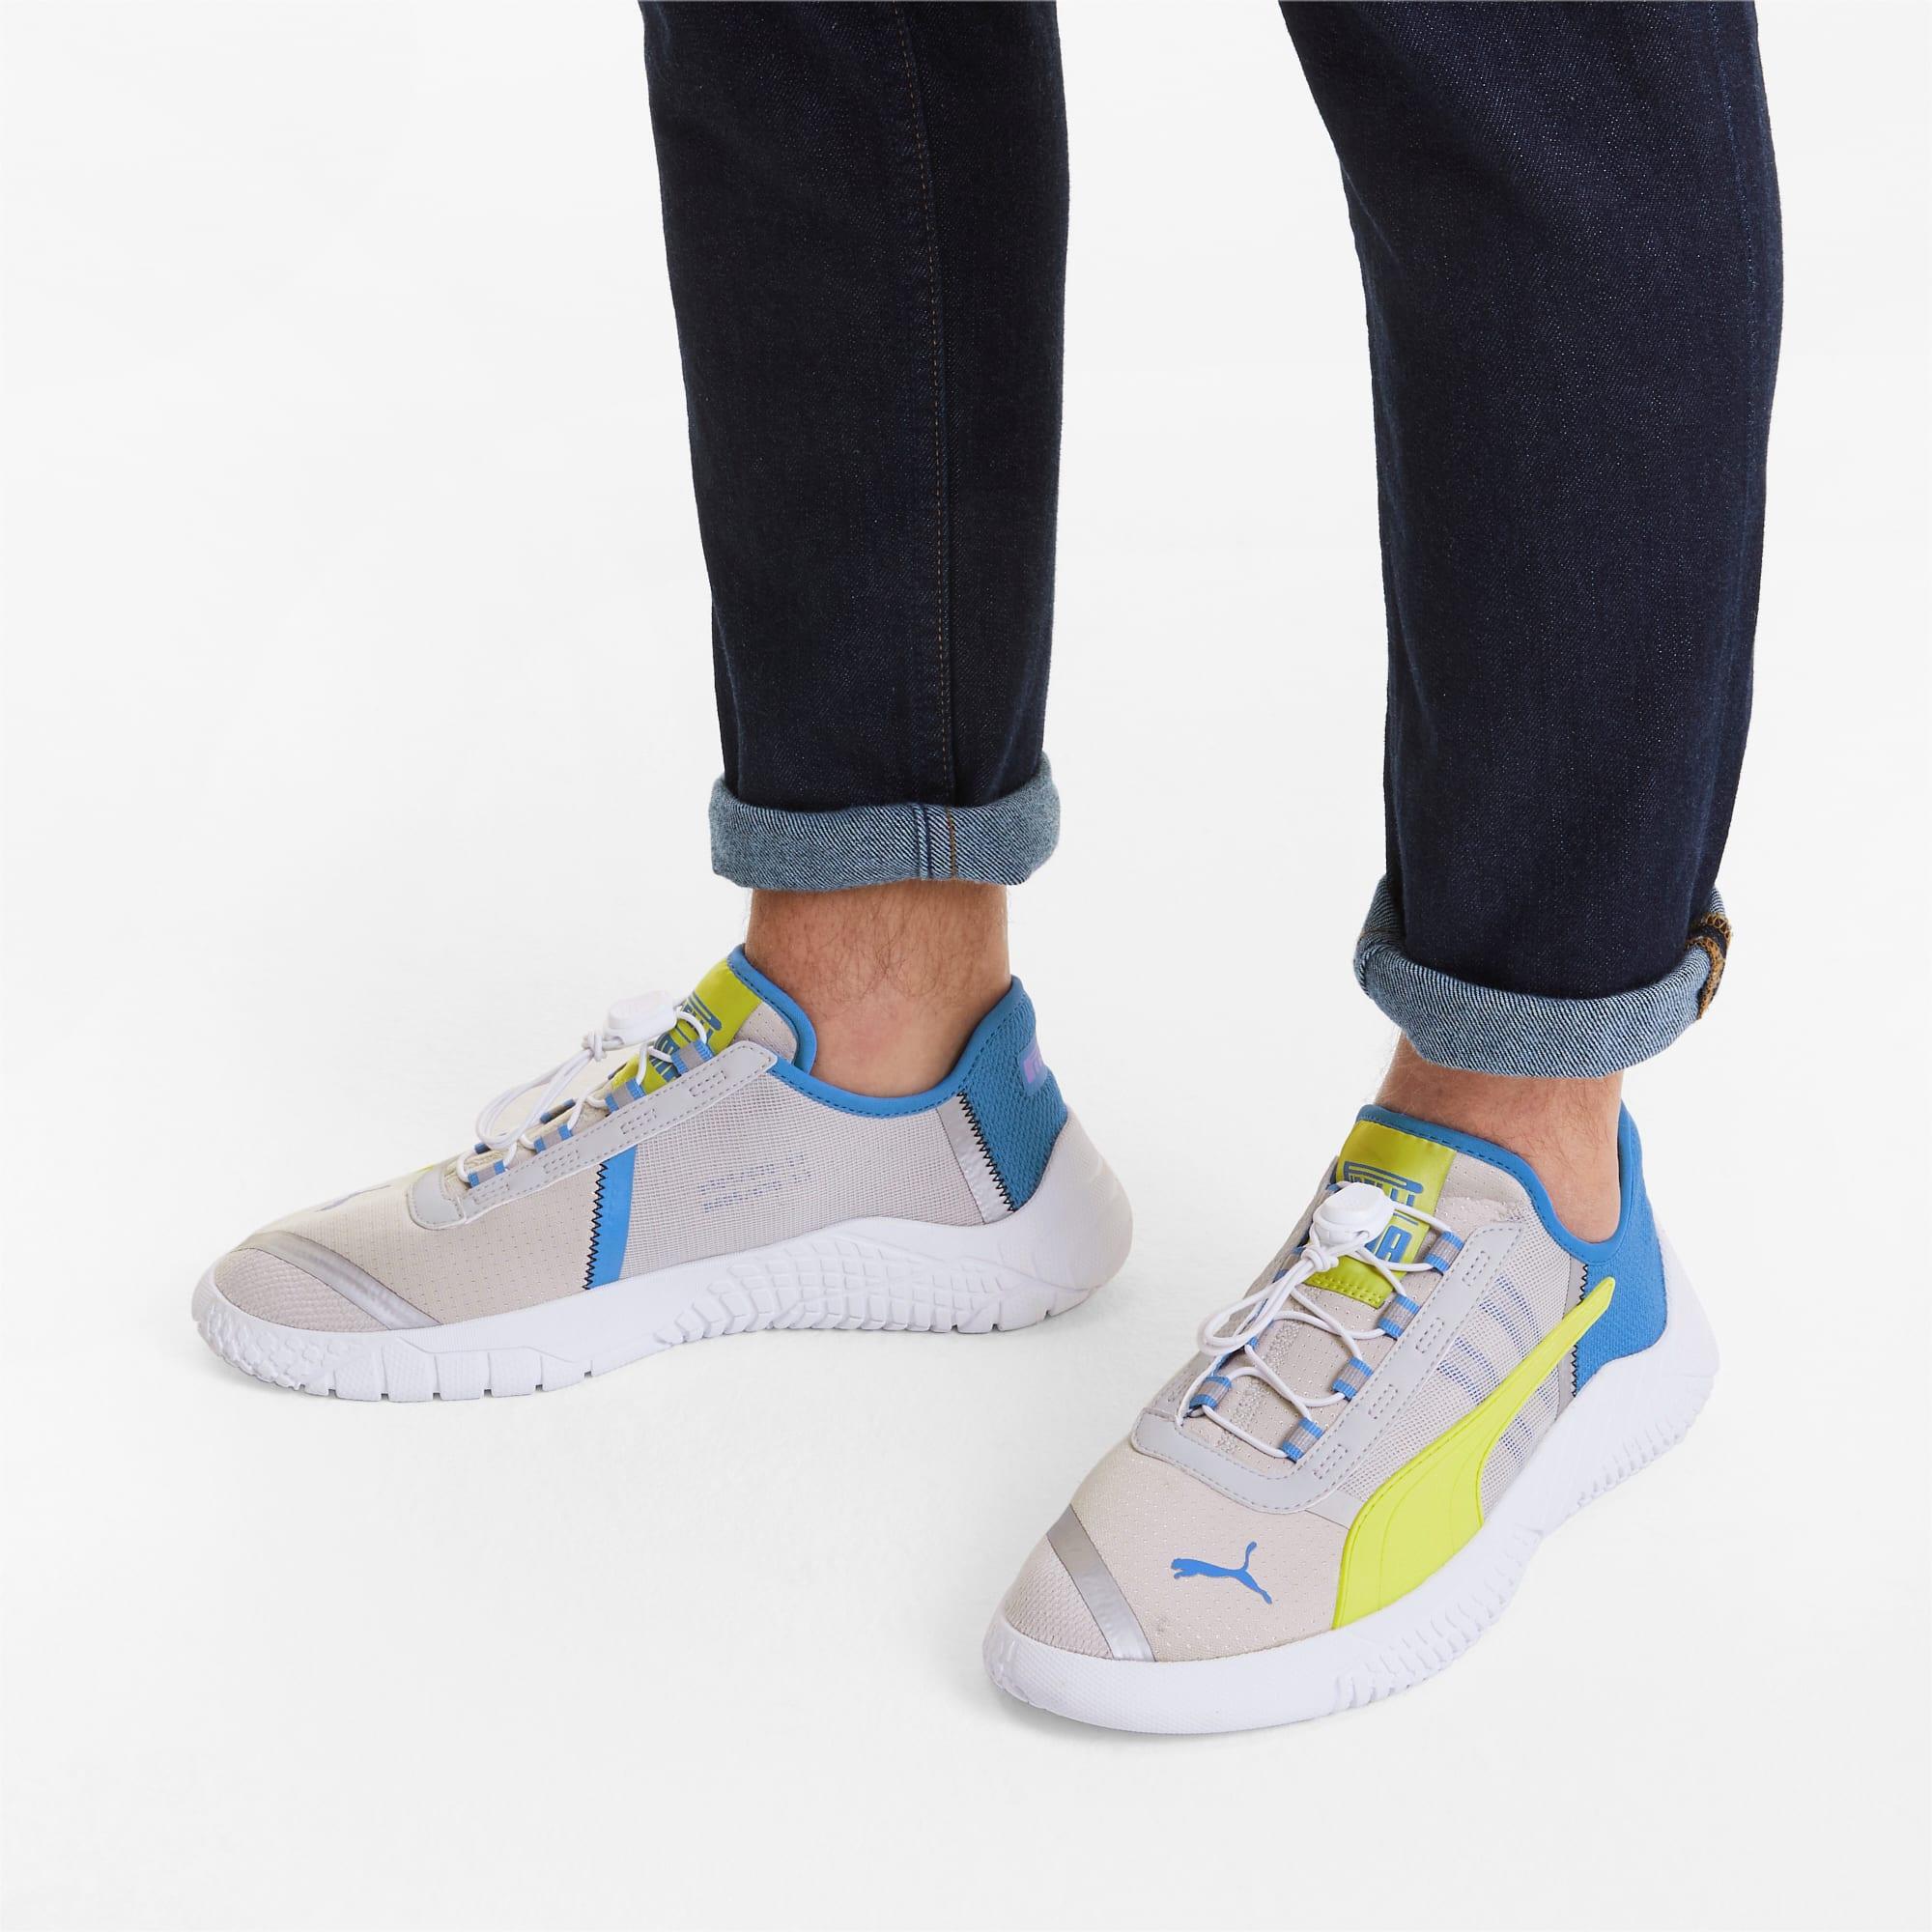 Replicat X Pirelli Men Sneakers